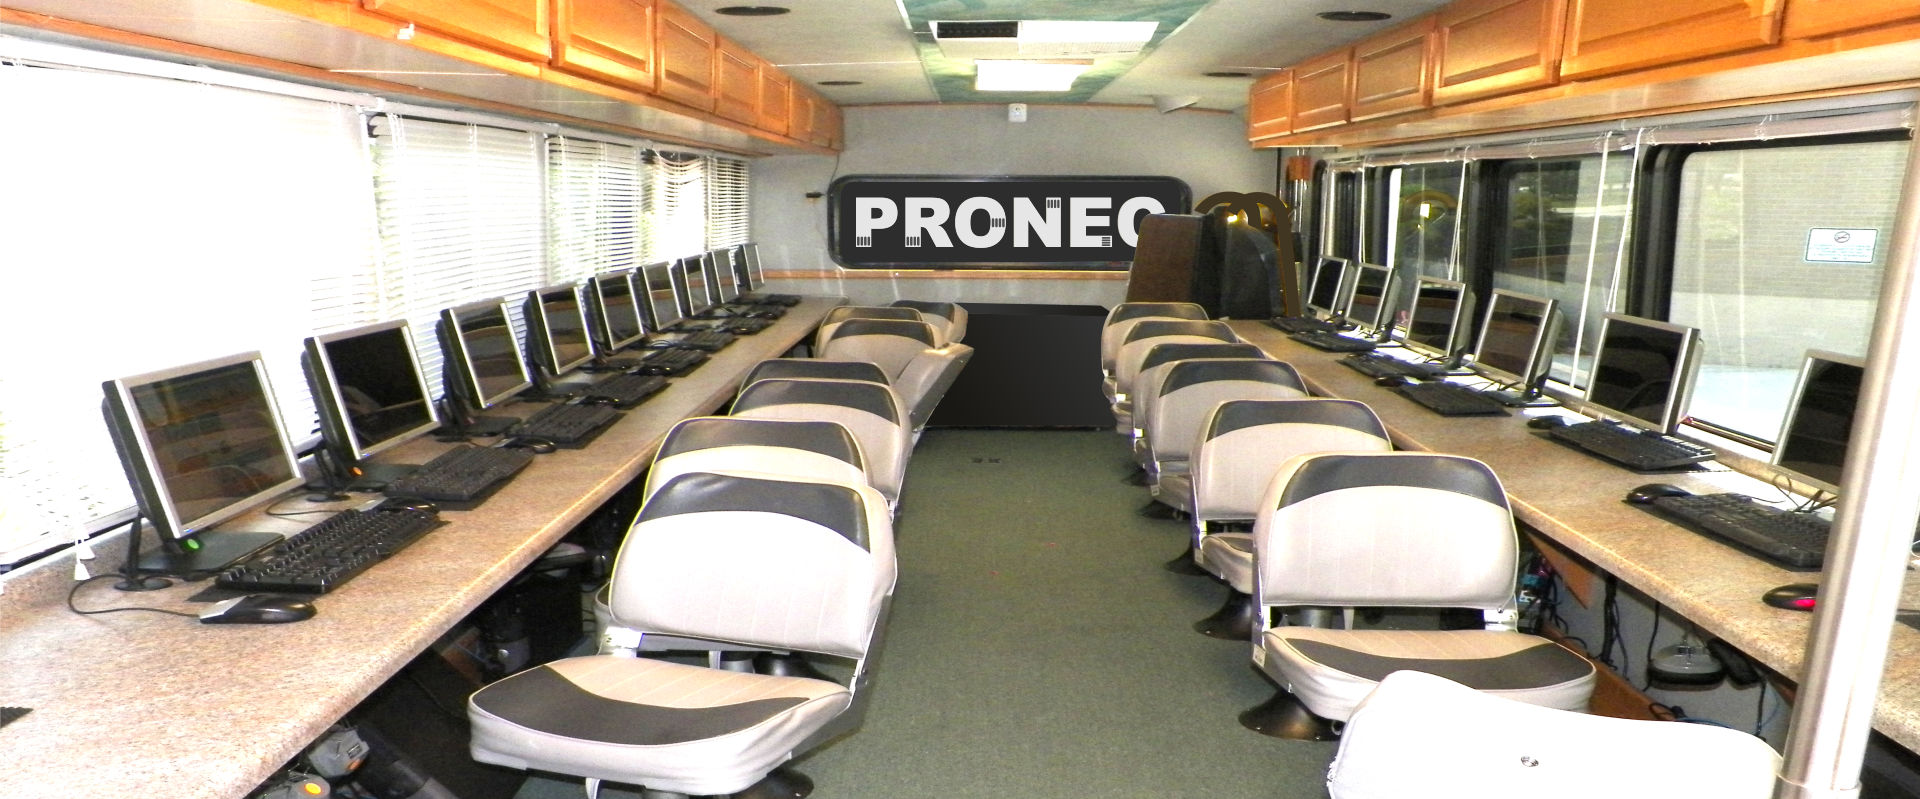 PRONEC-8